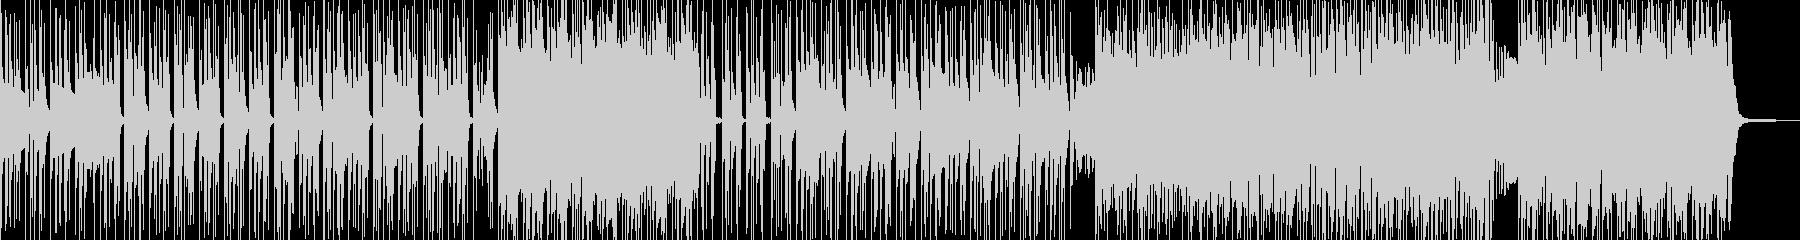 無機質&異次元・妖艶なヒップホップ A2の未再生の波形